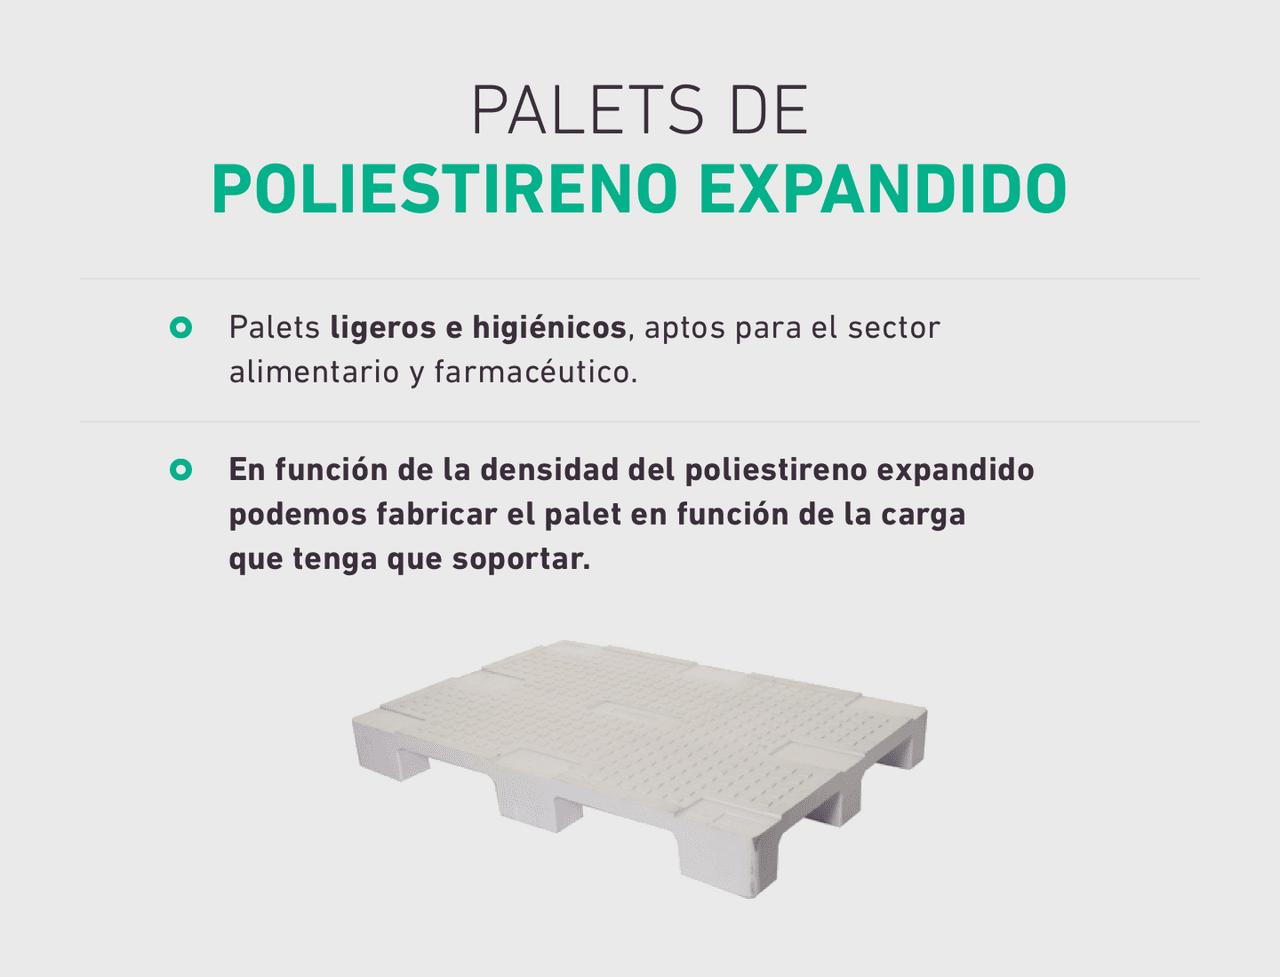 PALETS DE POLIESTIRENO EXPANDIDO. Palets ligeros e higiénicos, aptos para el sector alimentario y farmacéutico.  En función de la densidad del poliestireno expandido podemos fabricar el palet en función de la carga que tenga que soportar.